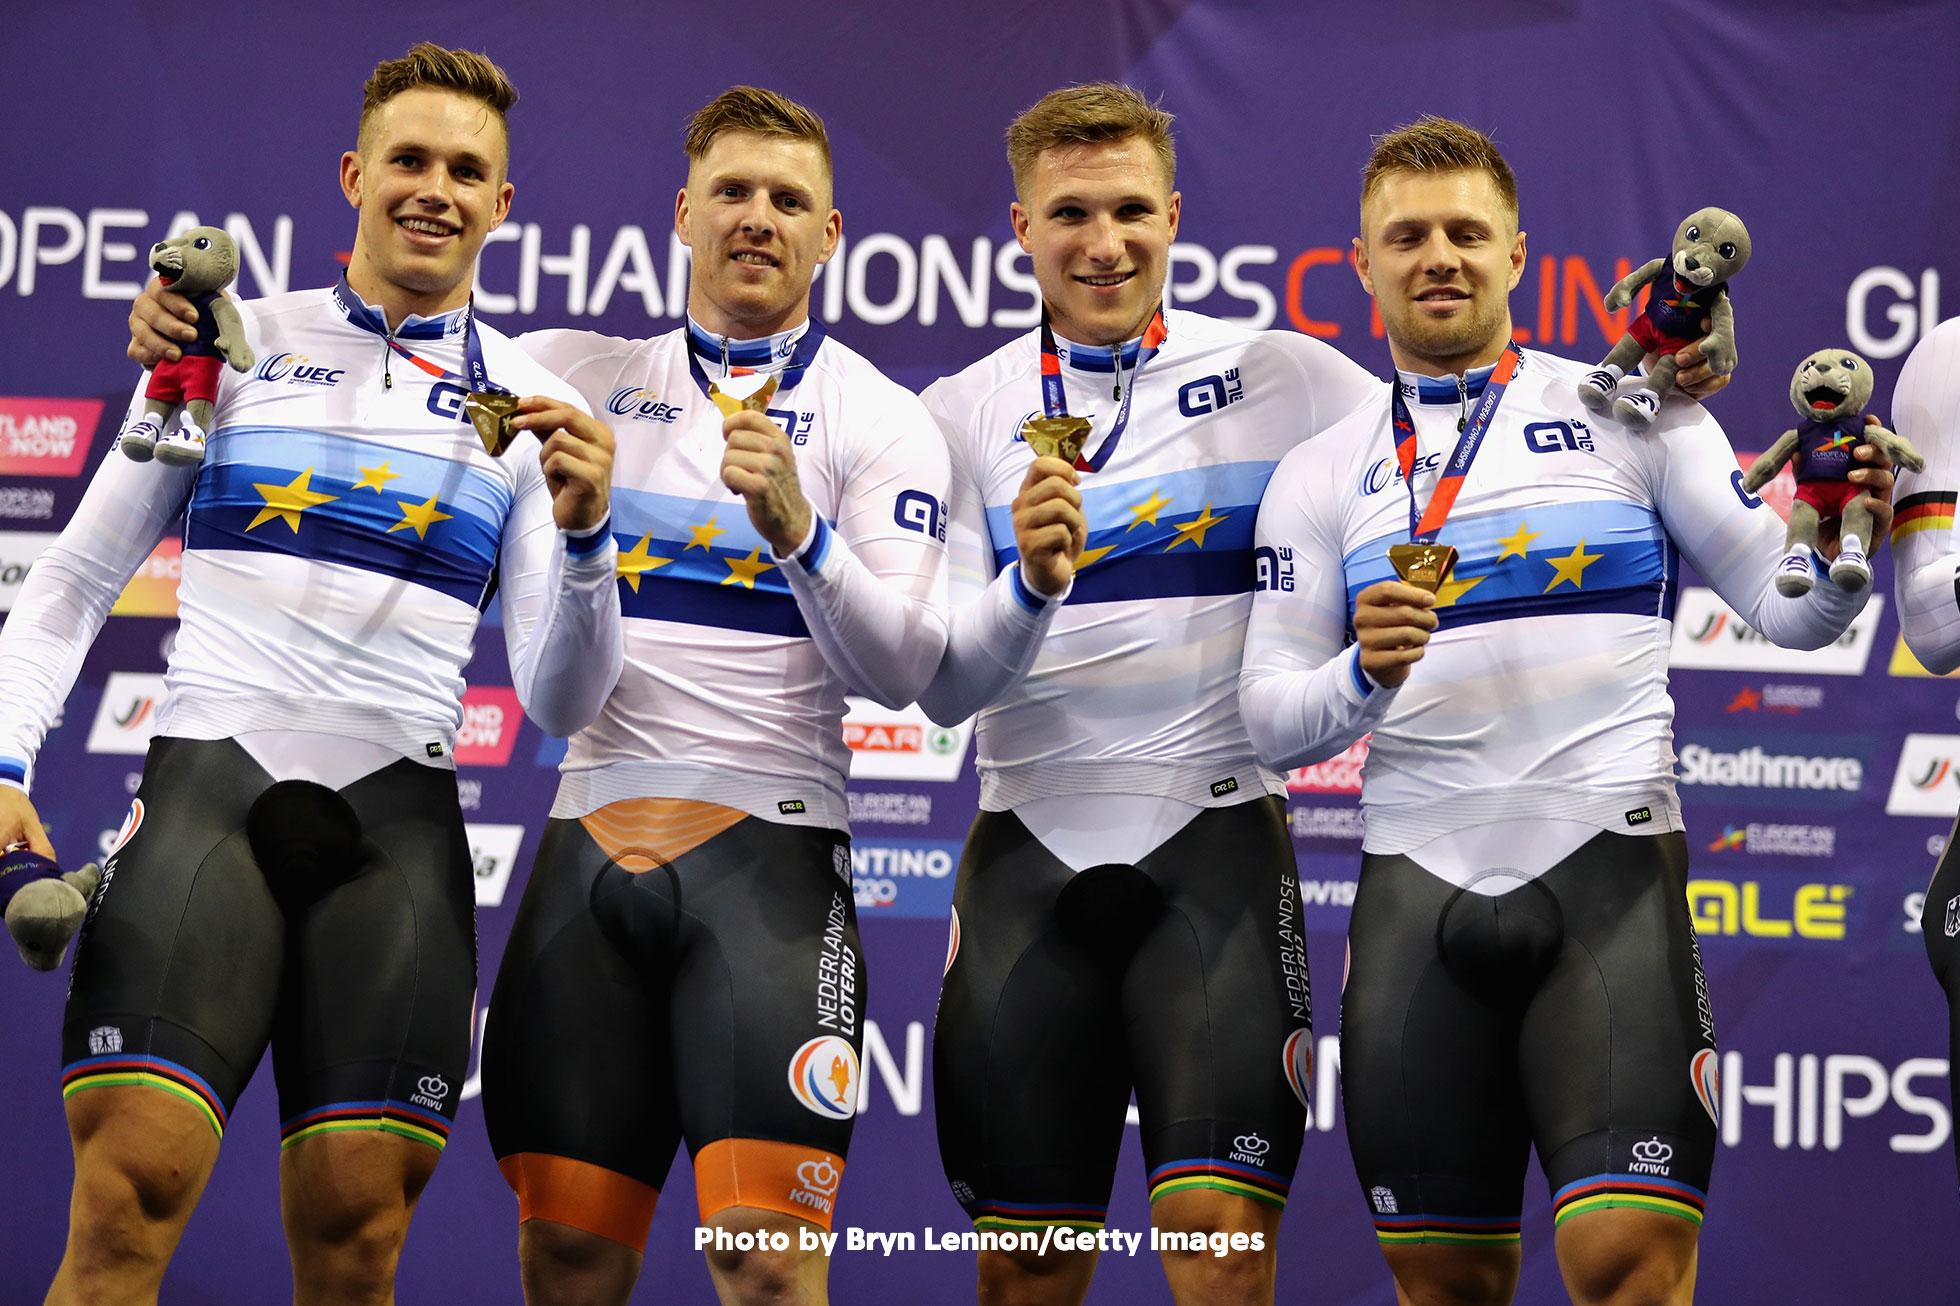 UECトラックヨーロッパ選手権2018・男子チームスプリント